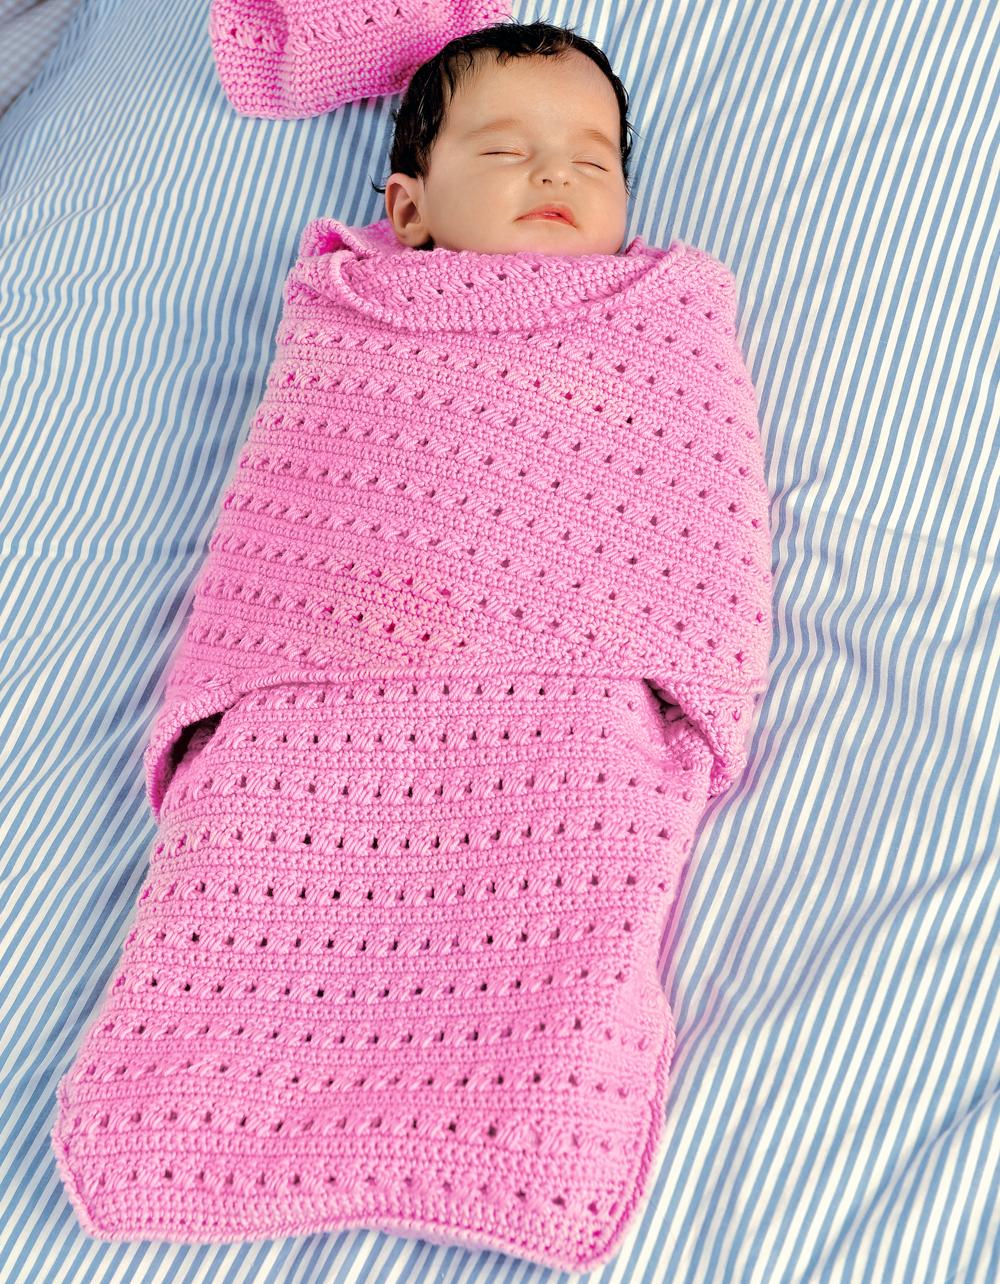 Конверт для новорожденного связать крючком